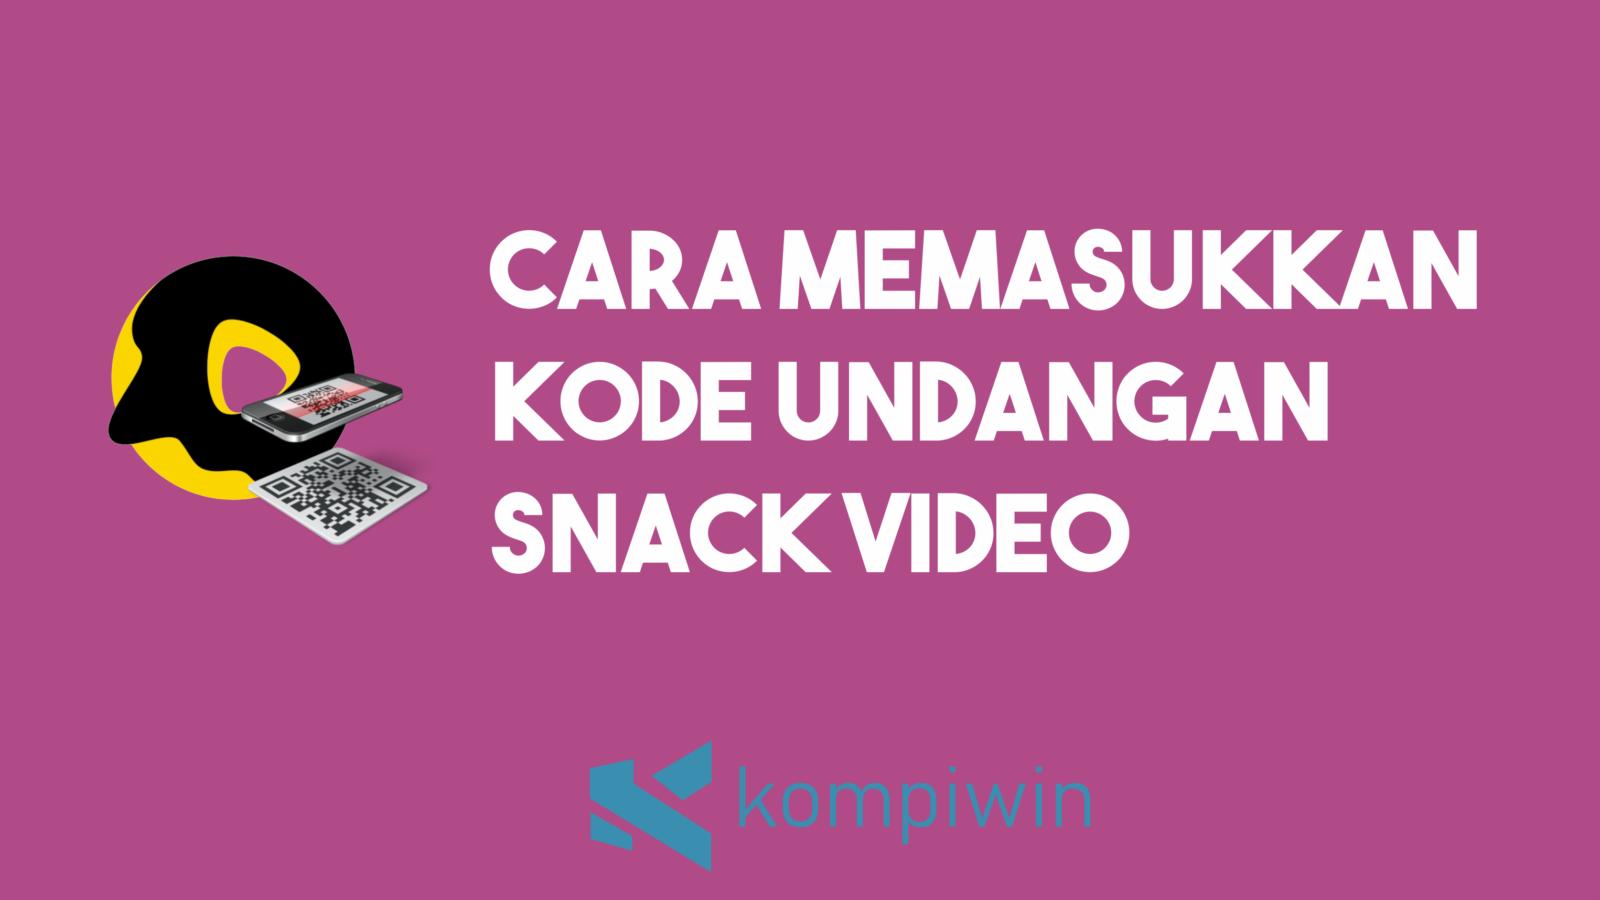 Cara Memasukkan Kode Undangan Snack Video 7